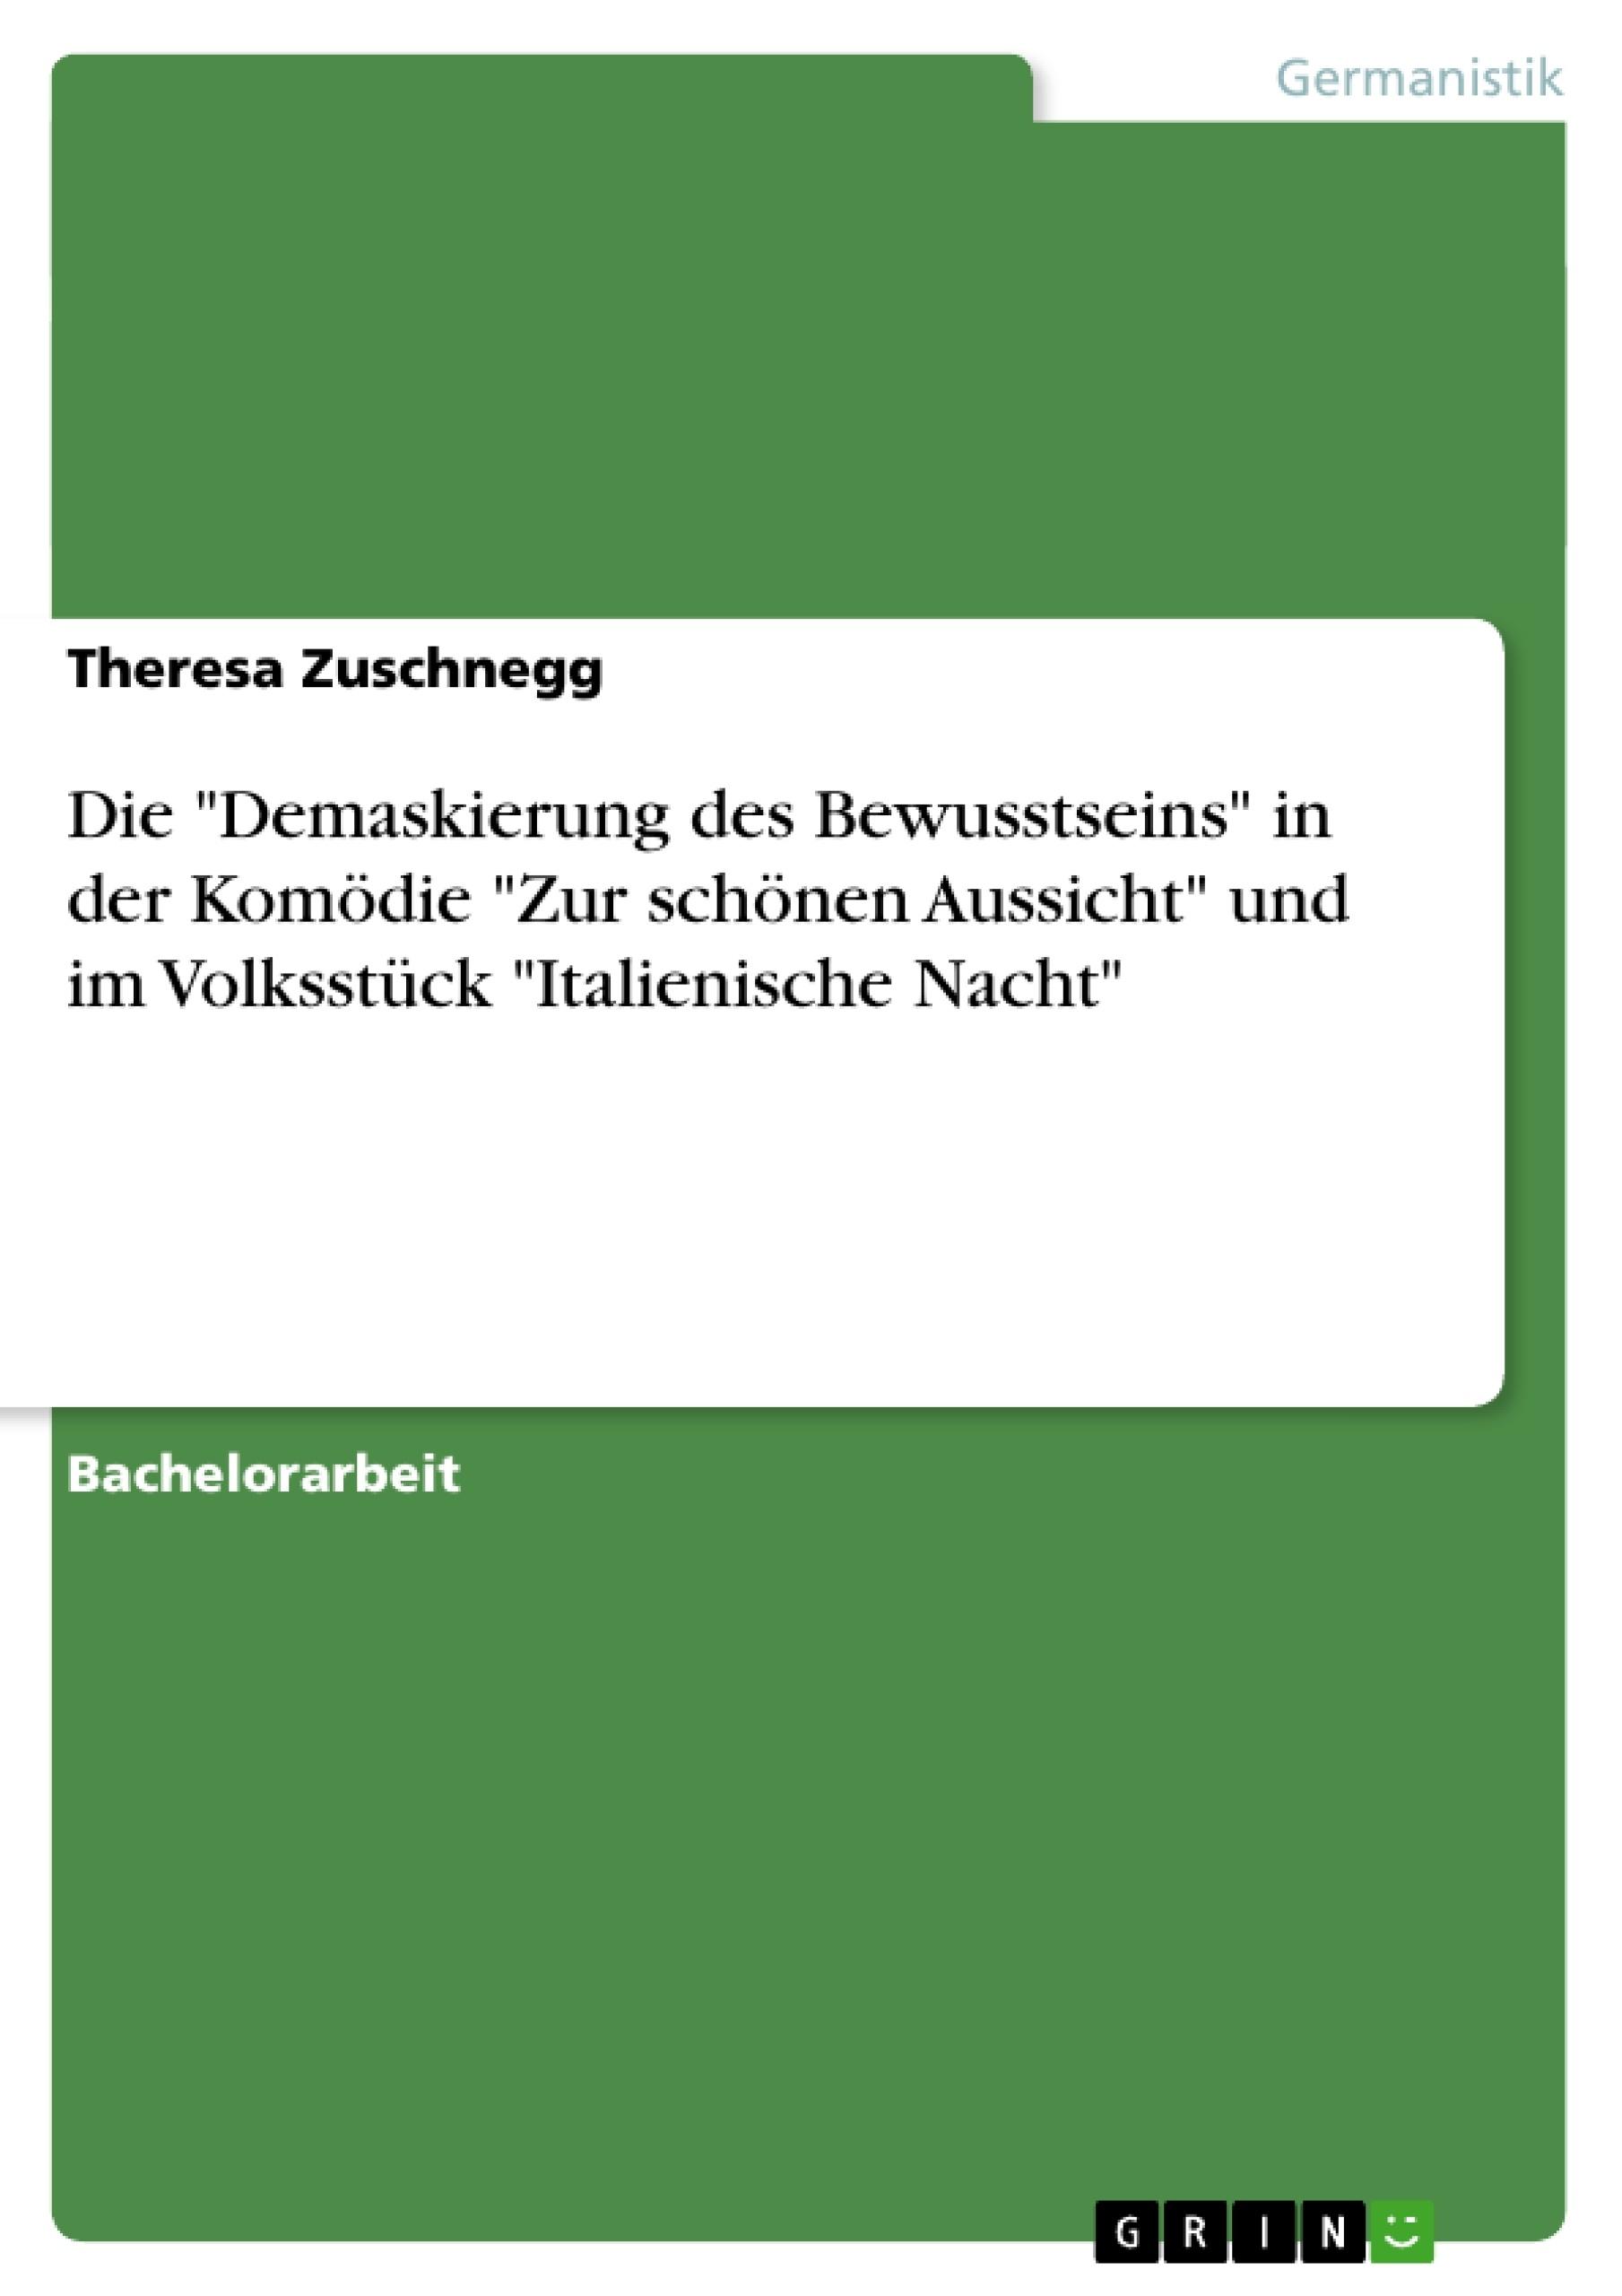 """Titel: Die """"Demaskierung des Bewusstseins"""" in der Komödie """"Zur schönen Aussicht"""" und im Volksstück """"Italienische Nacht"""""""